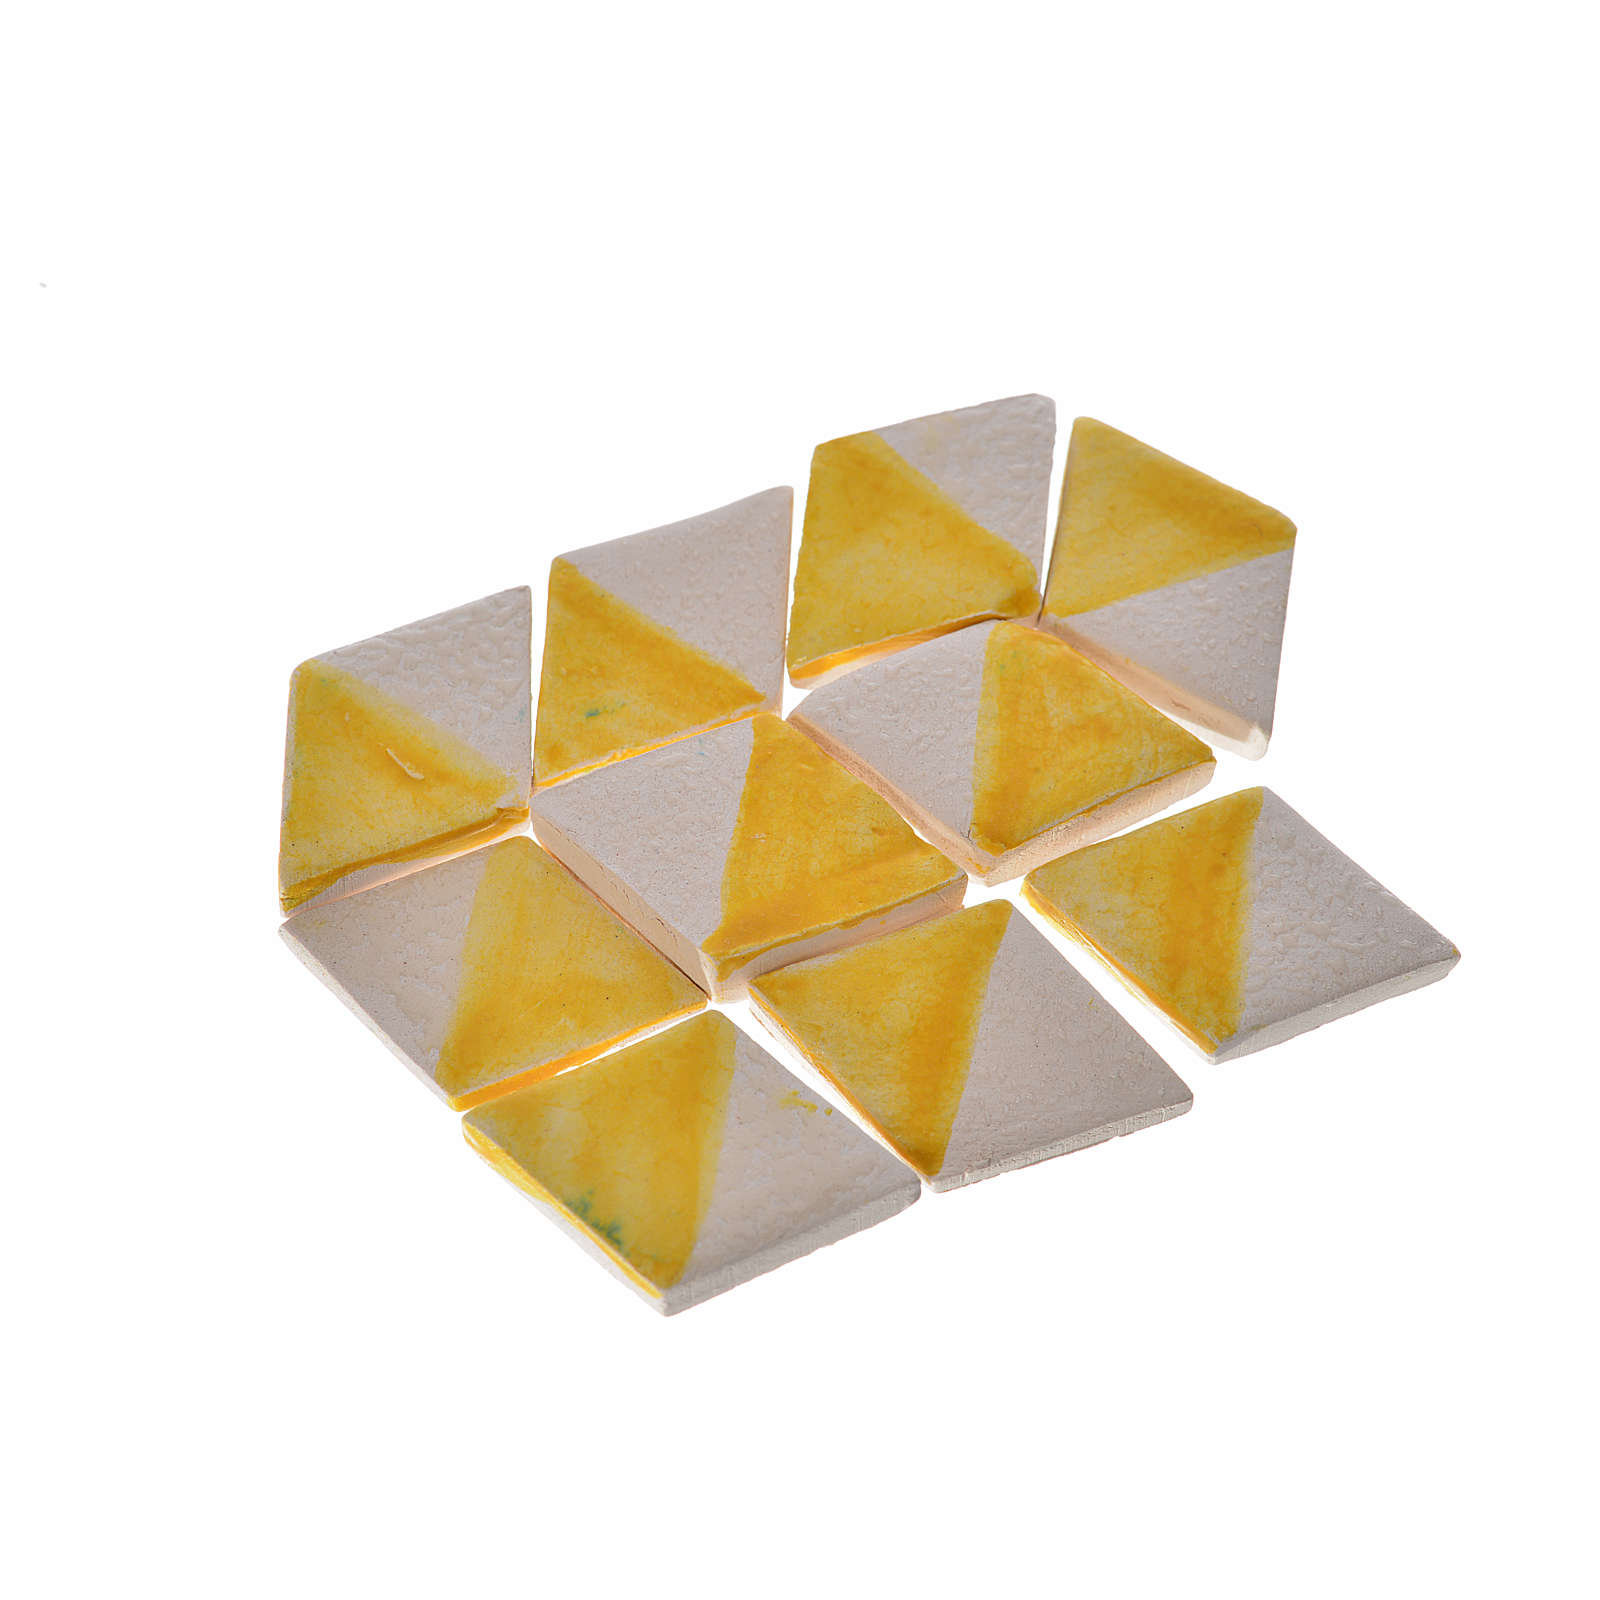 Mattonelle terracotta smaltate 60 pz romboidali gialle per prese 4